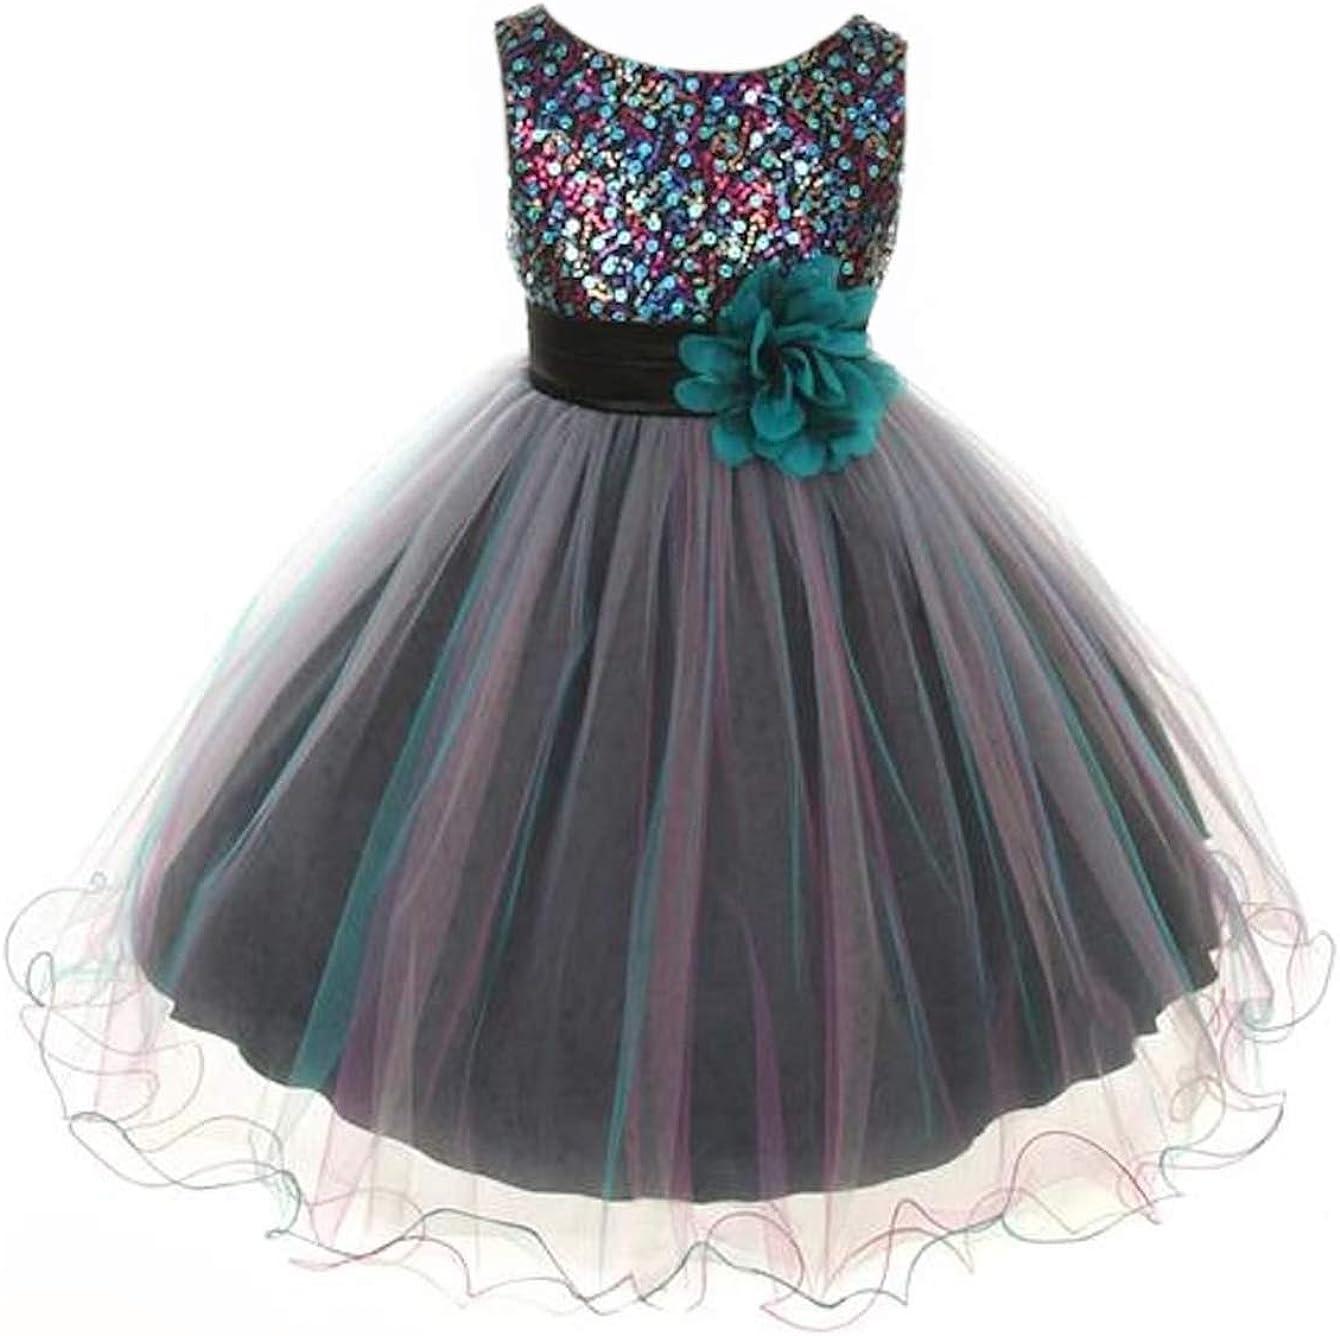 Kid's Dream Multi-Sequin Trio Color Tulle Flower Girl Dress